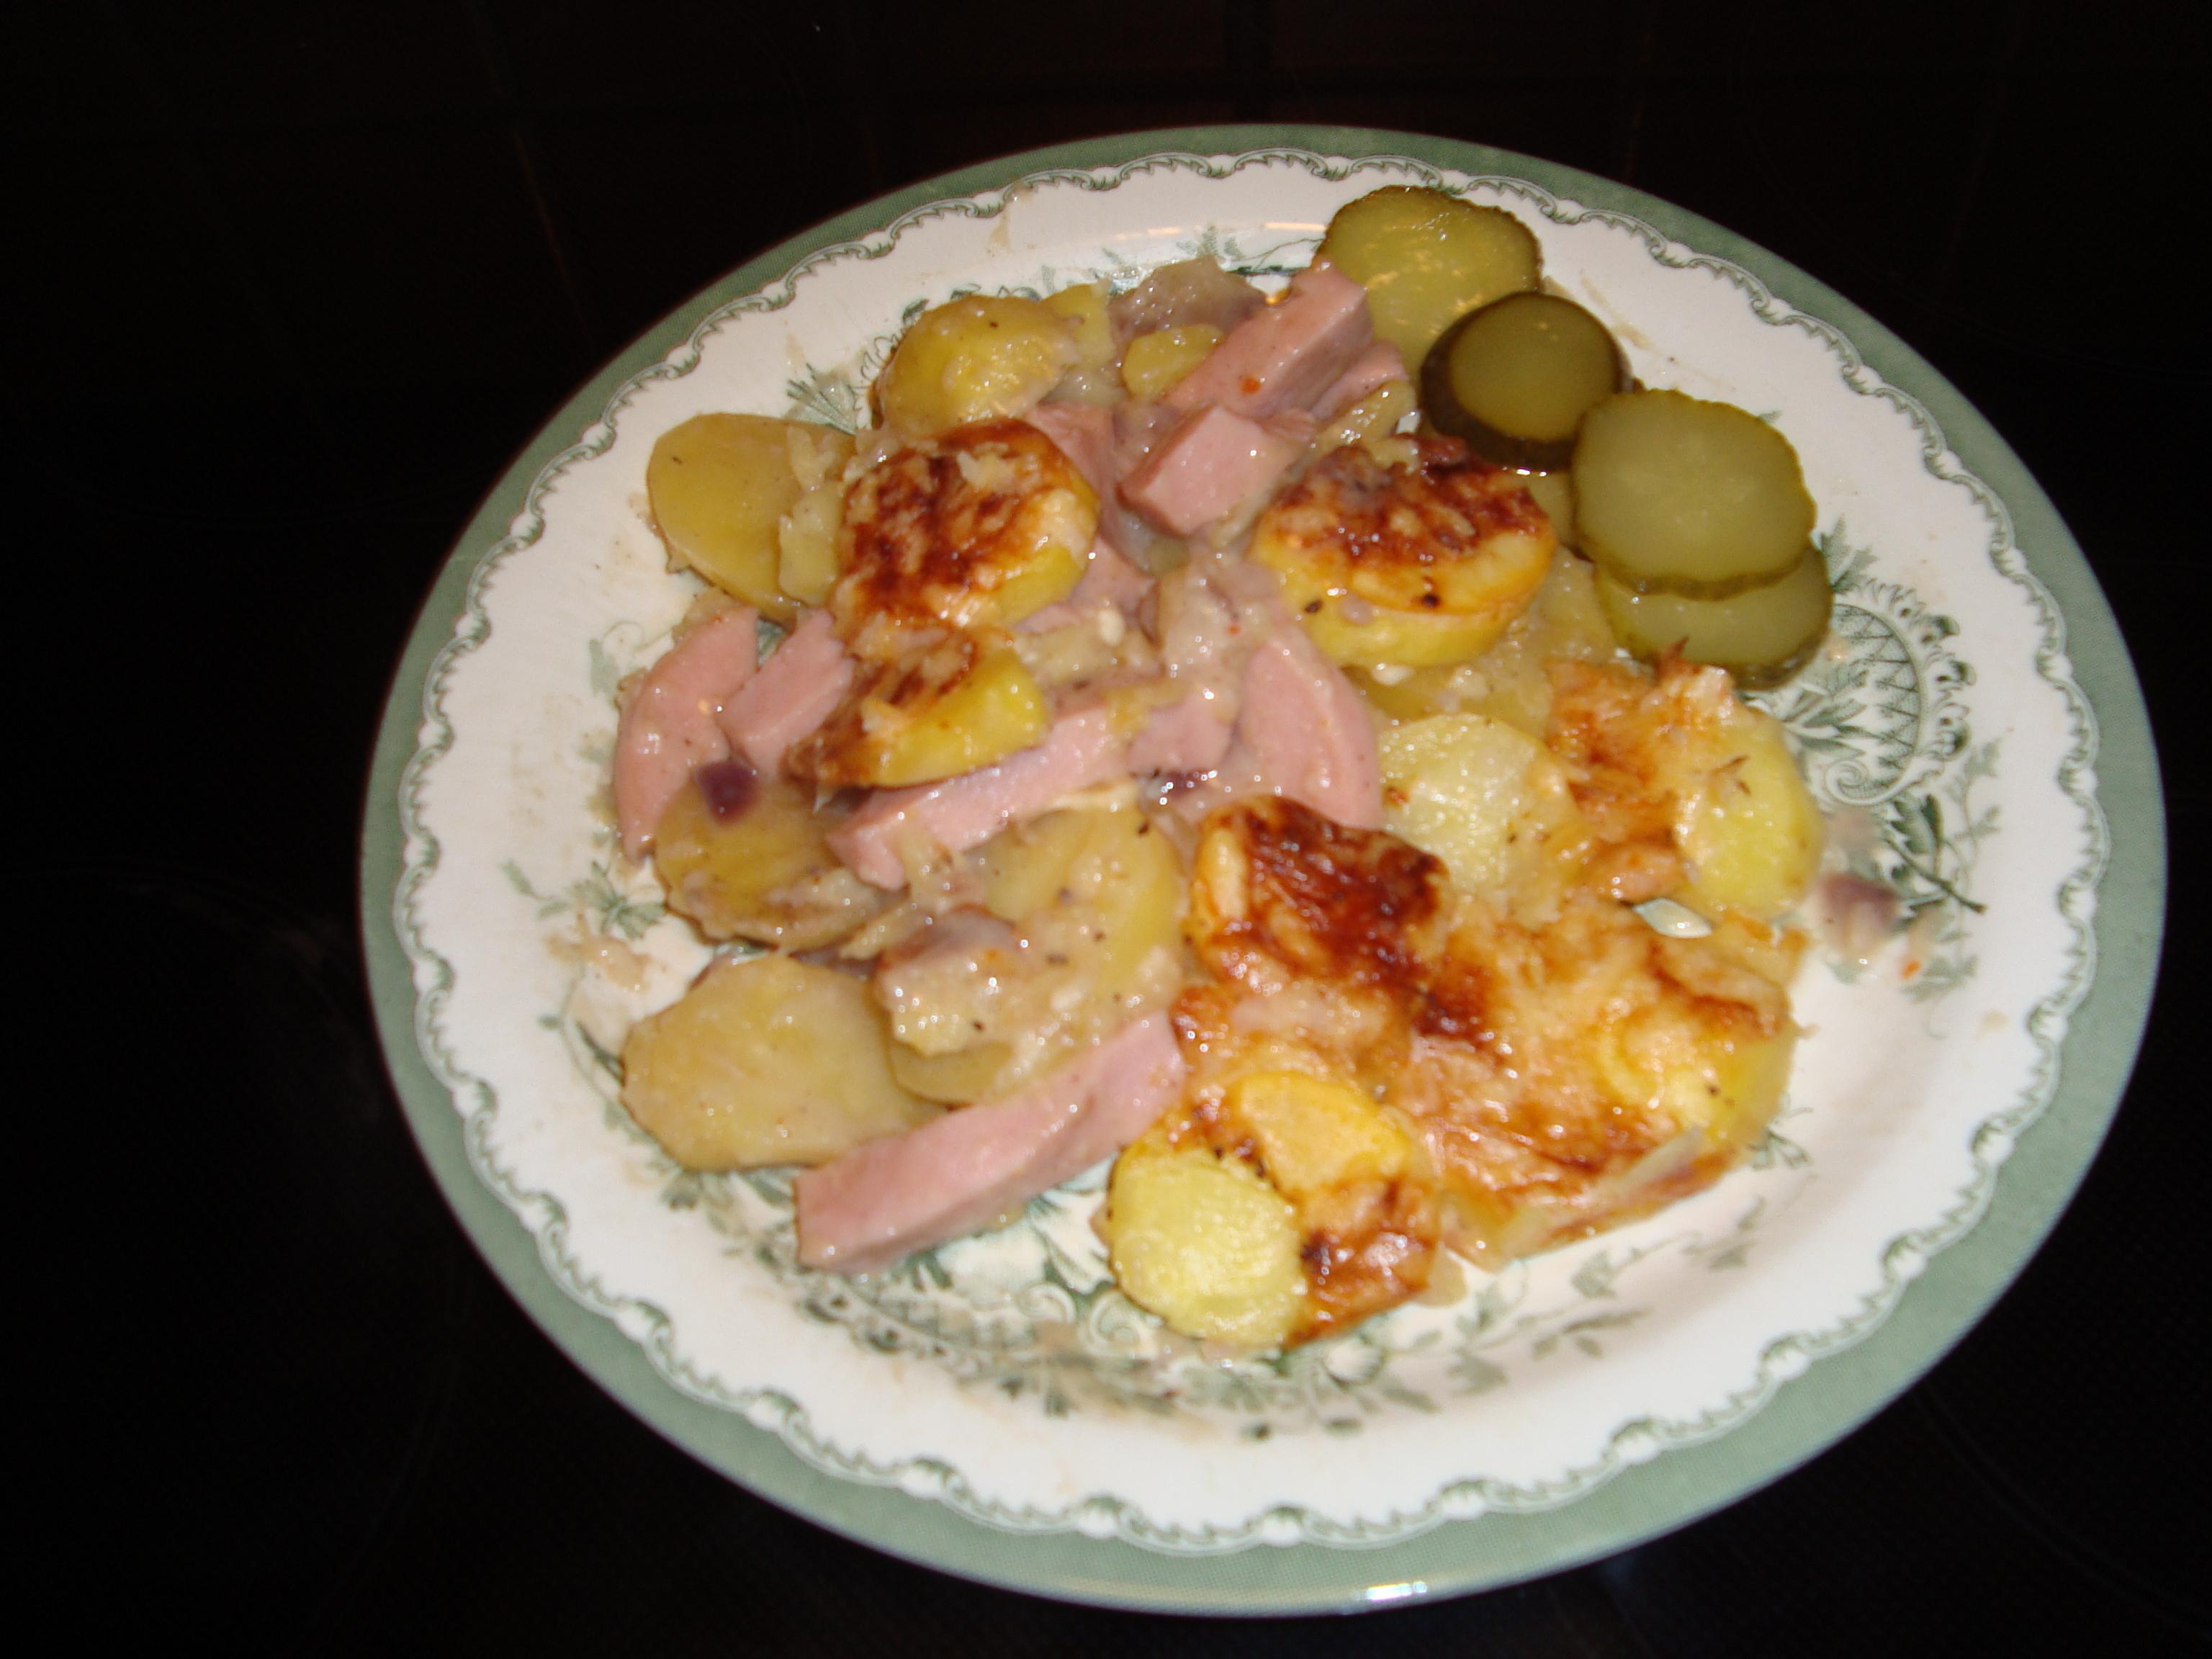 Falukorv och potatisgratäng